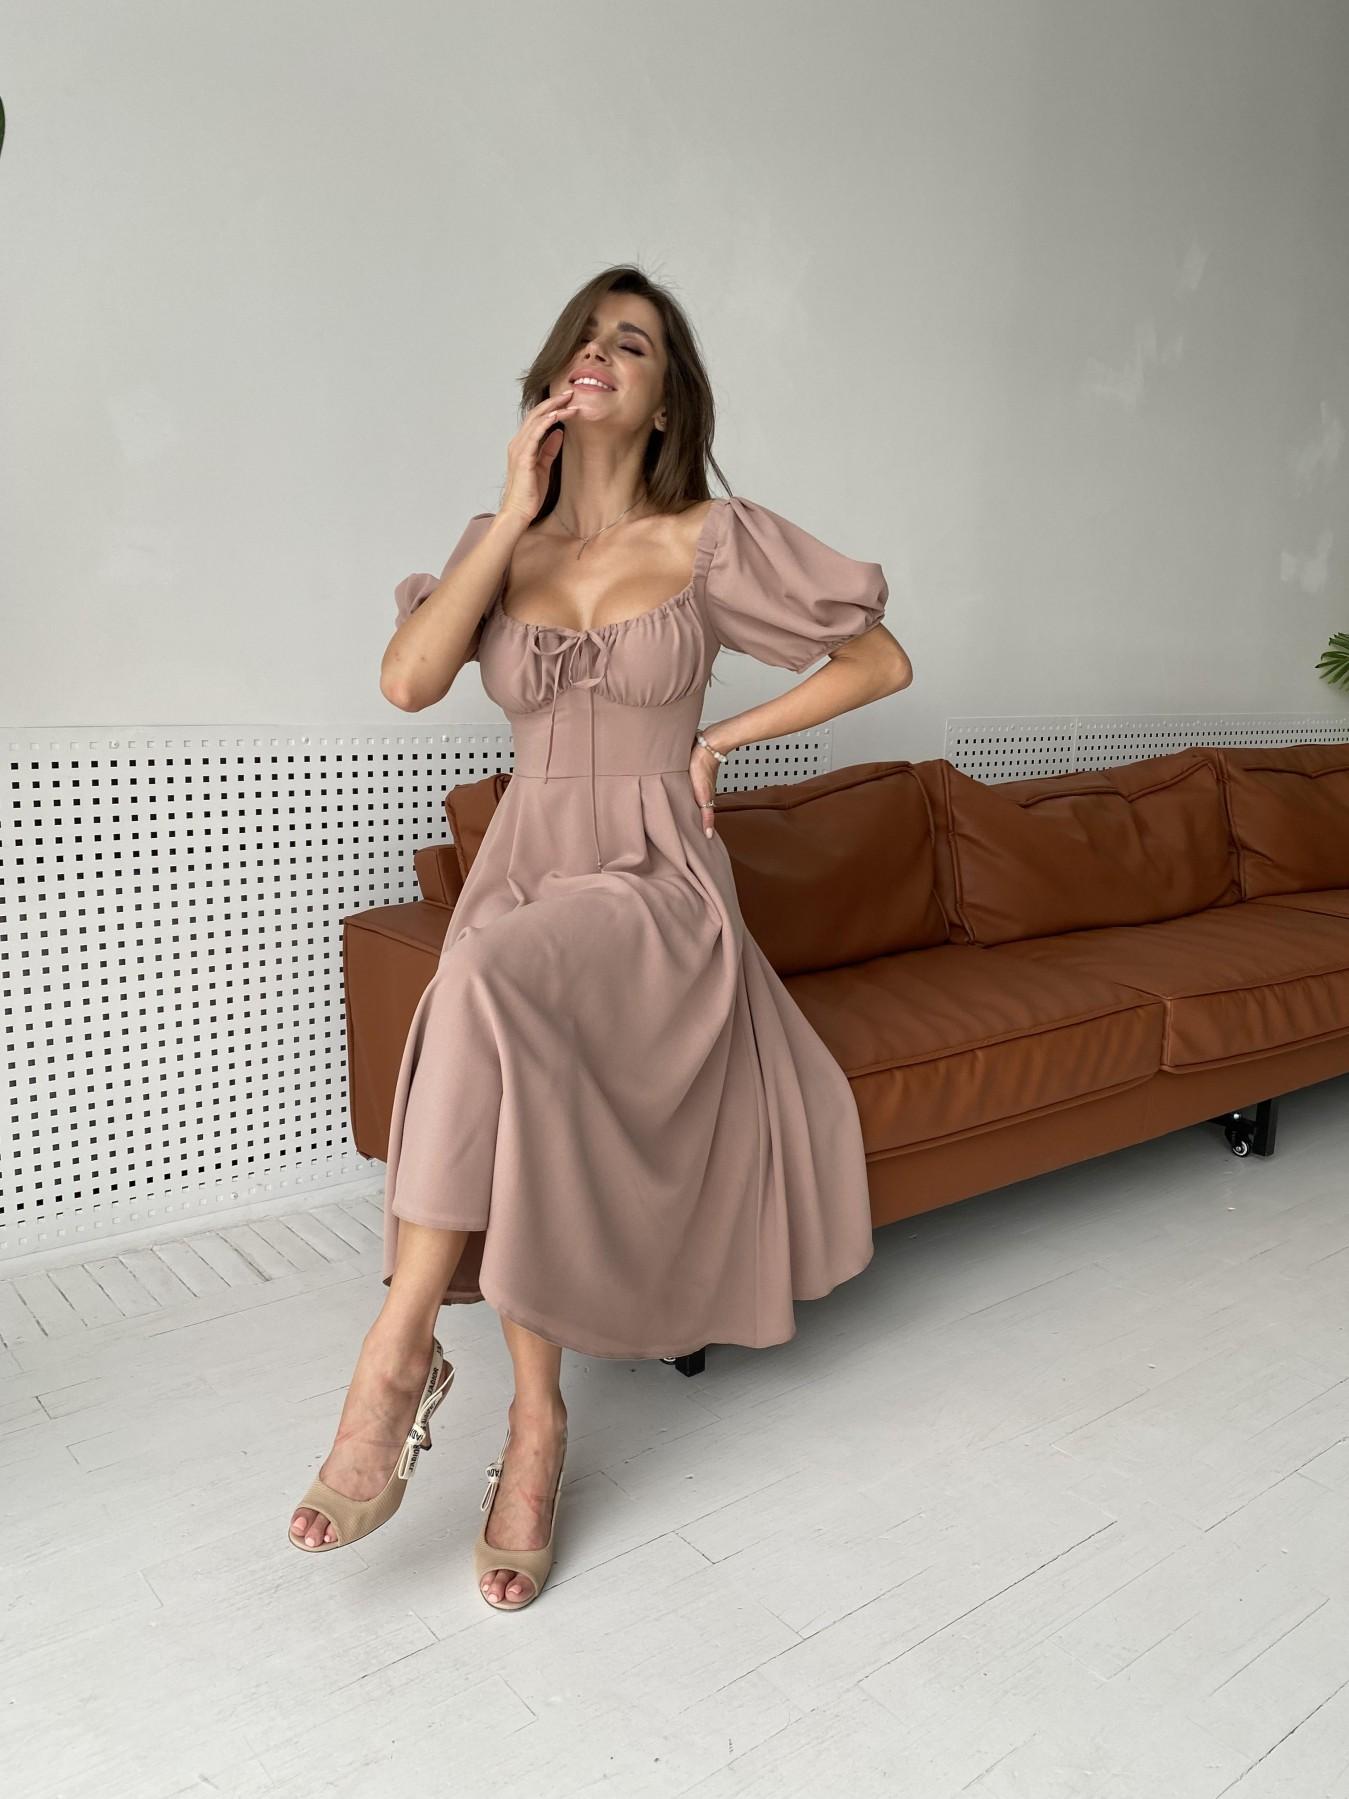 Кисес Миди платье из шифона креп 11443 АРТ. 48313 Цвет: Бежевый Темный - фото 6, интернет магазин tm-modus.ru